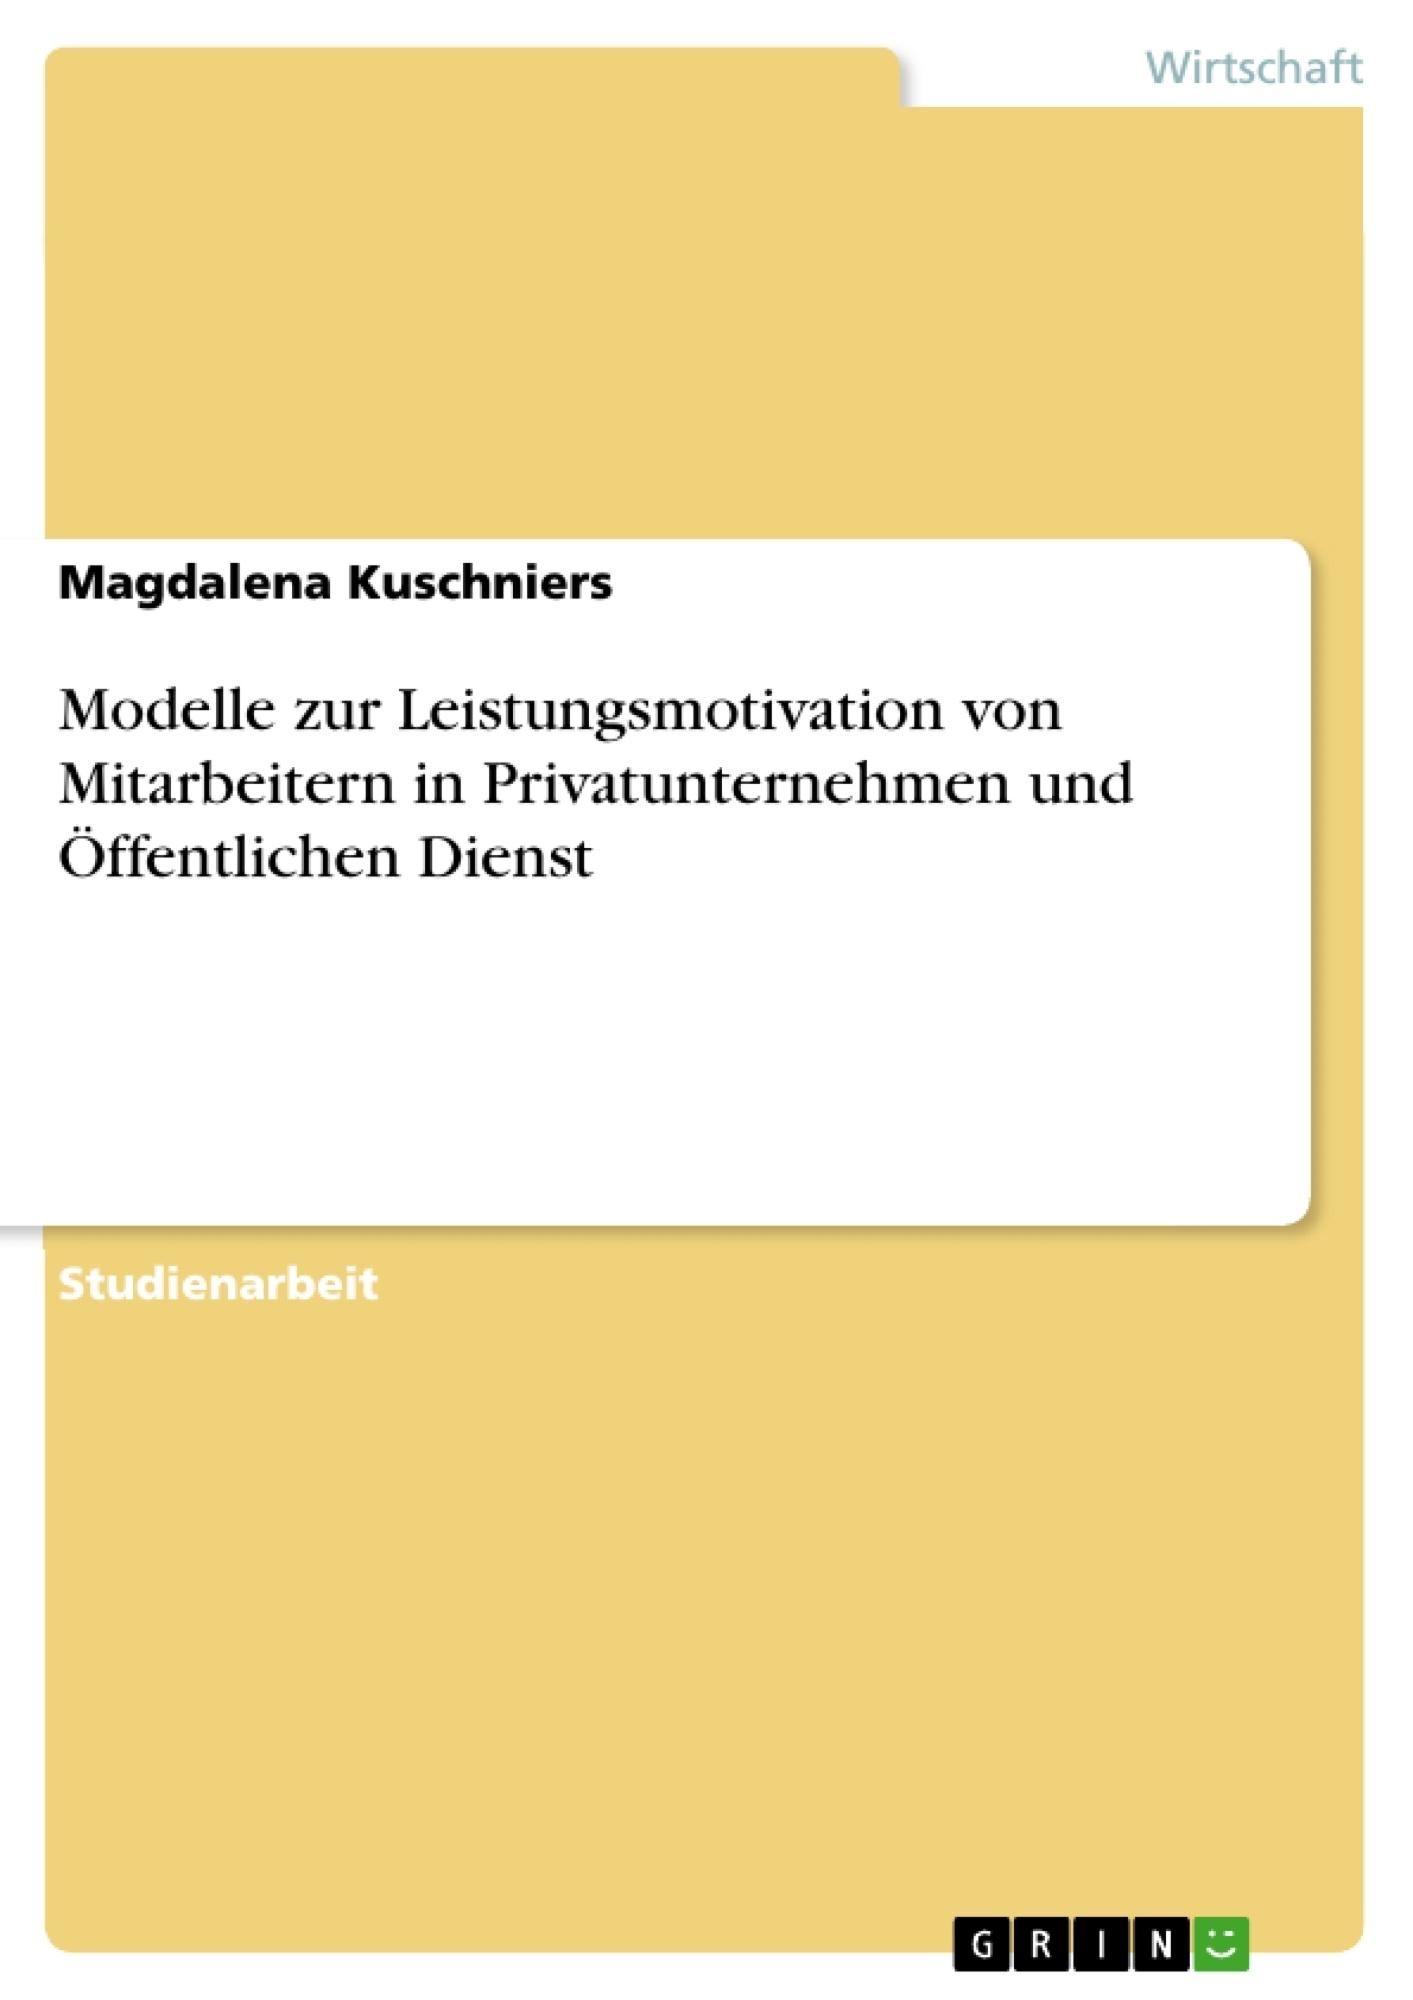 Titel: Modelle zur Leistungsmotivation von Mitarbeitern in Privatunternehmen und Öffentlichen Dienst